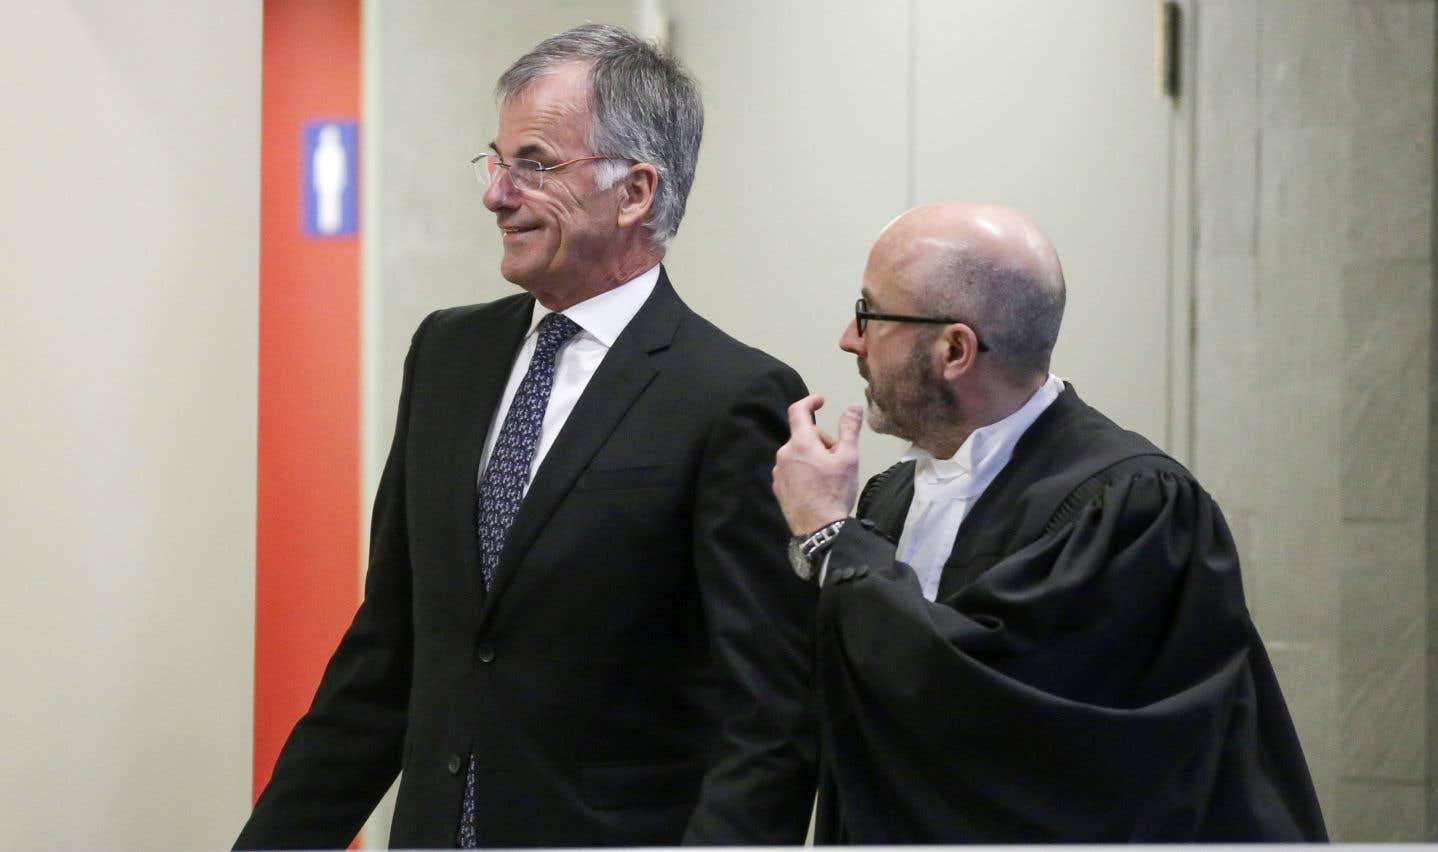 Le député Guy Ouellette et son avocat dans les couloirs du palais de justice de Québec avant son témoignage dans le cadre du procès des ex-ministres Nathalie Normandeau et Marc-Yvan Côté